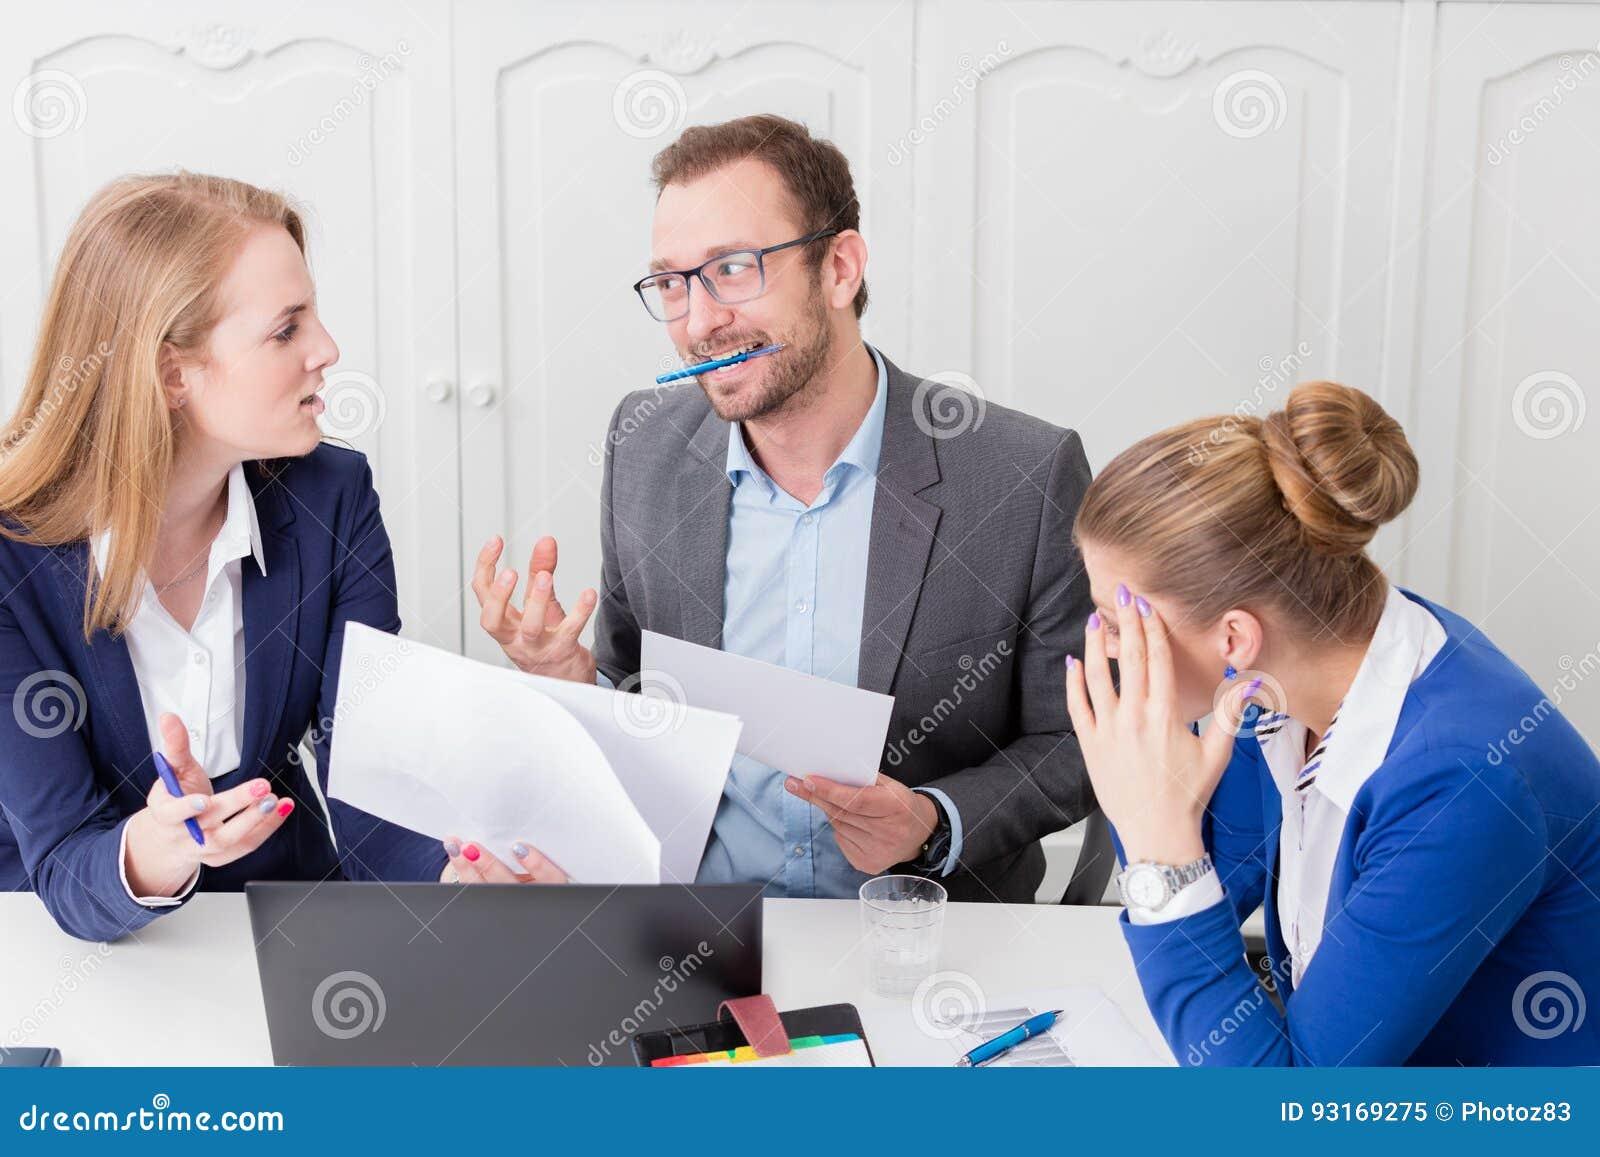 Επιχειρηματίας που δεν ικανοποιεί με την πρόταση του συναδέλφου του επάνω